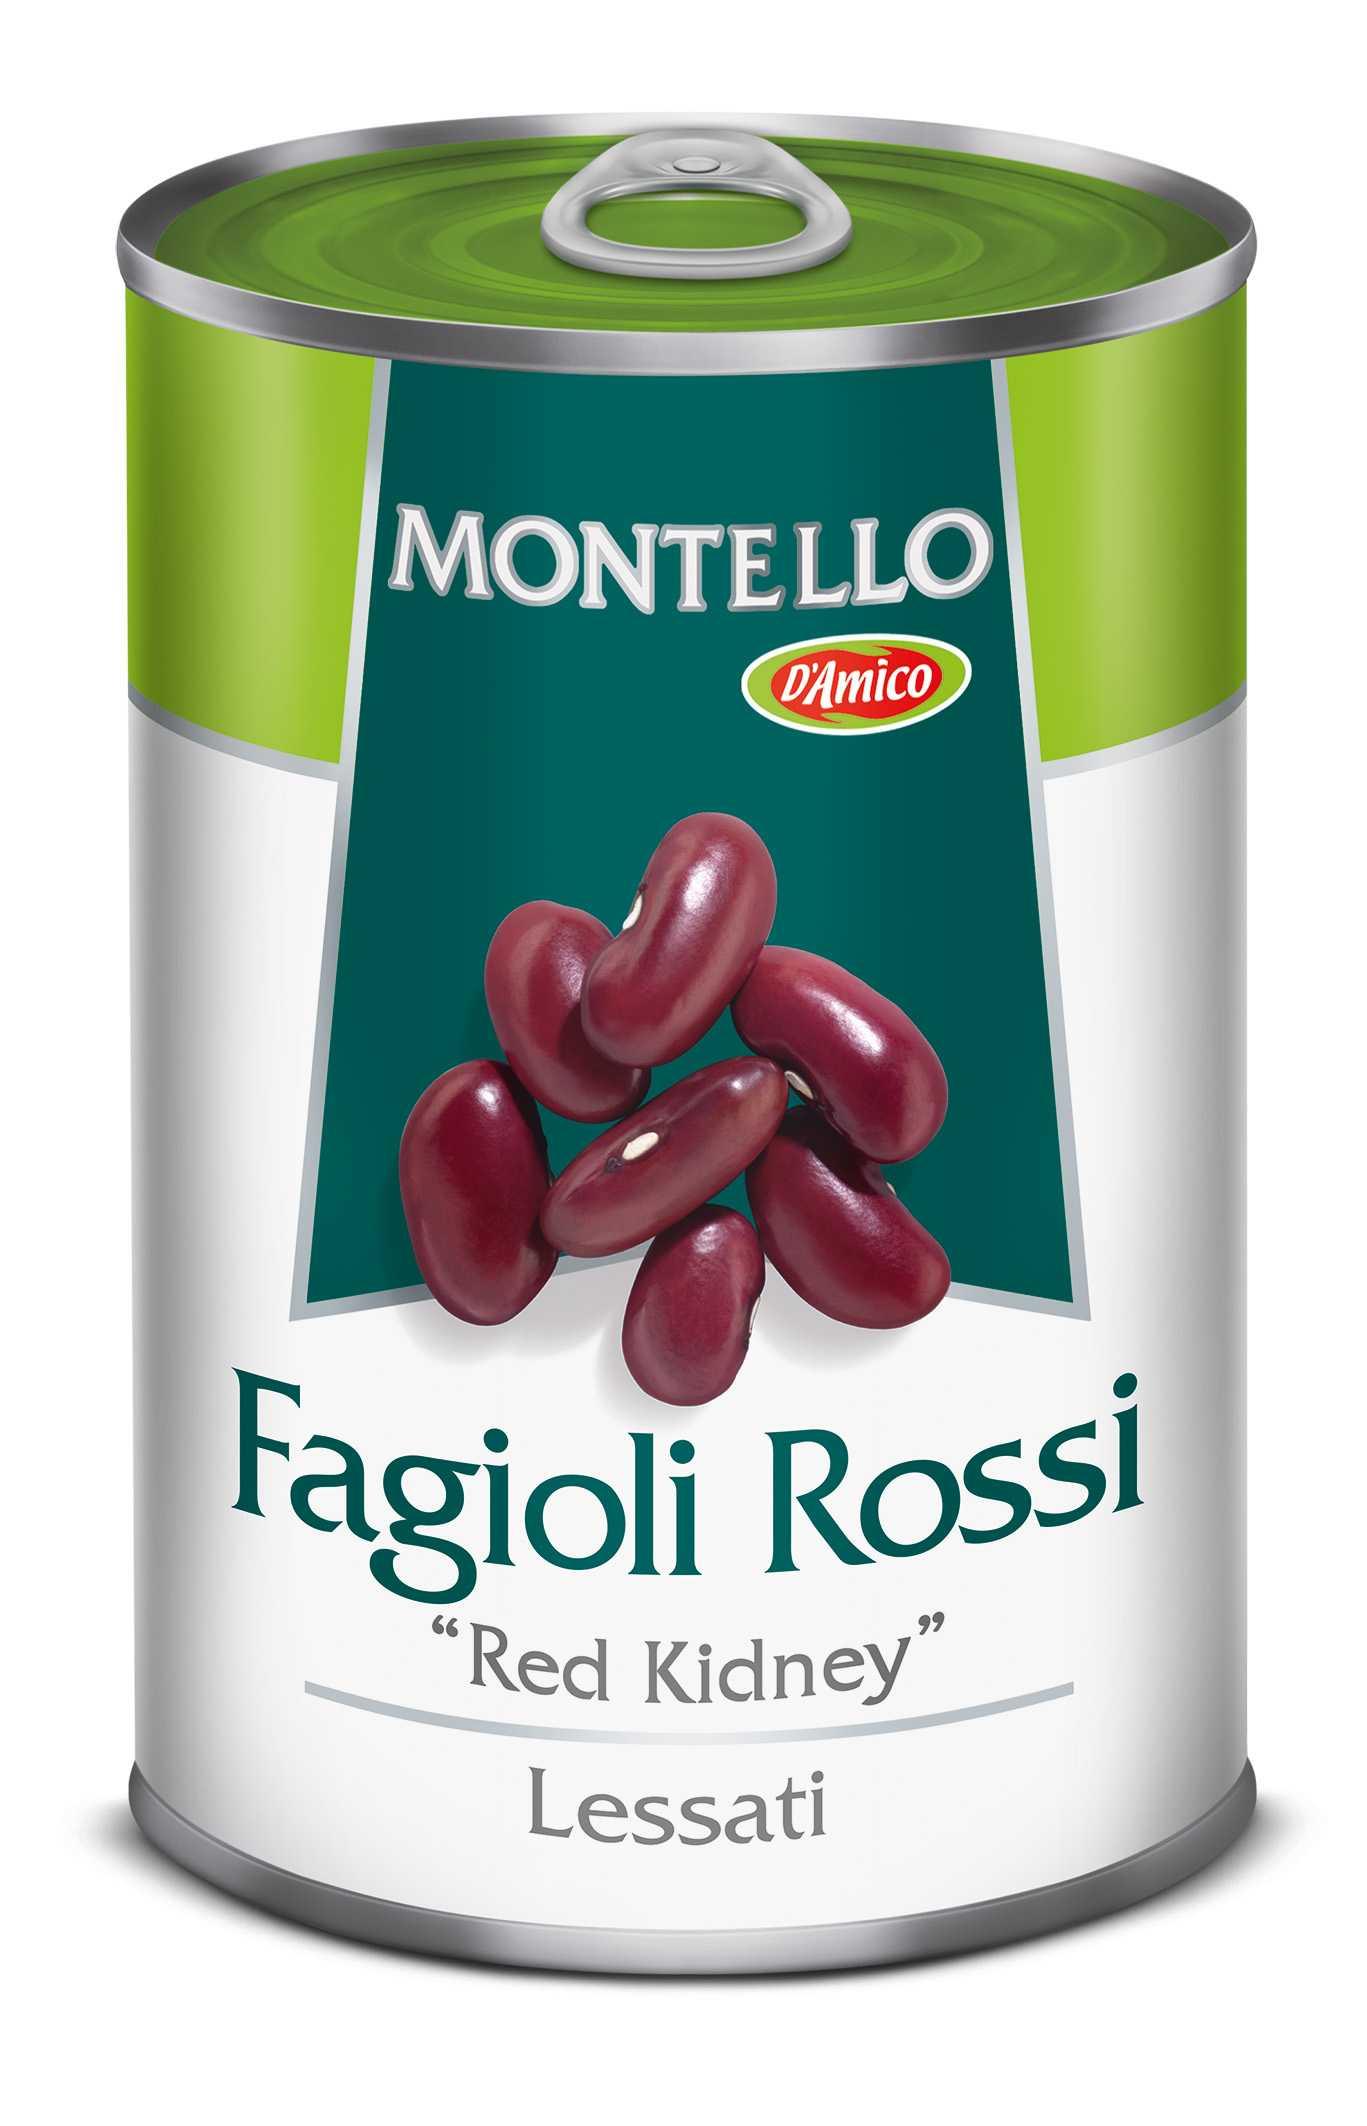 Fagioli Rossi Red Kidney